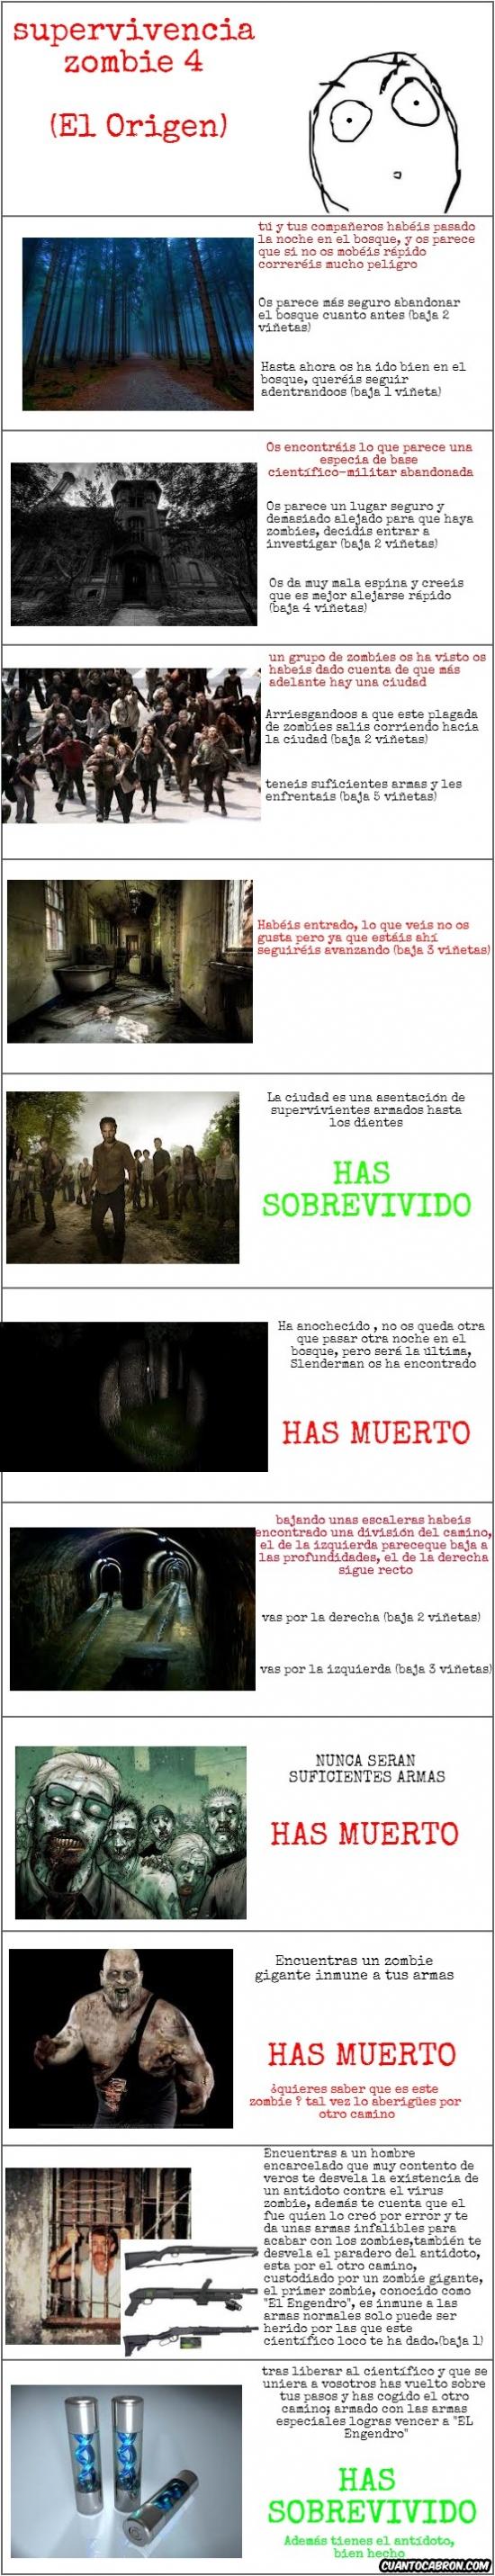 Pat_bateman - Supervivencia zombie 4 (el origen)